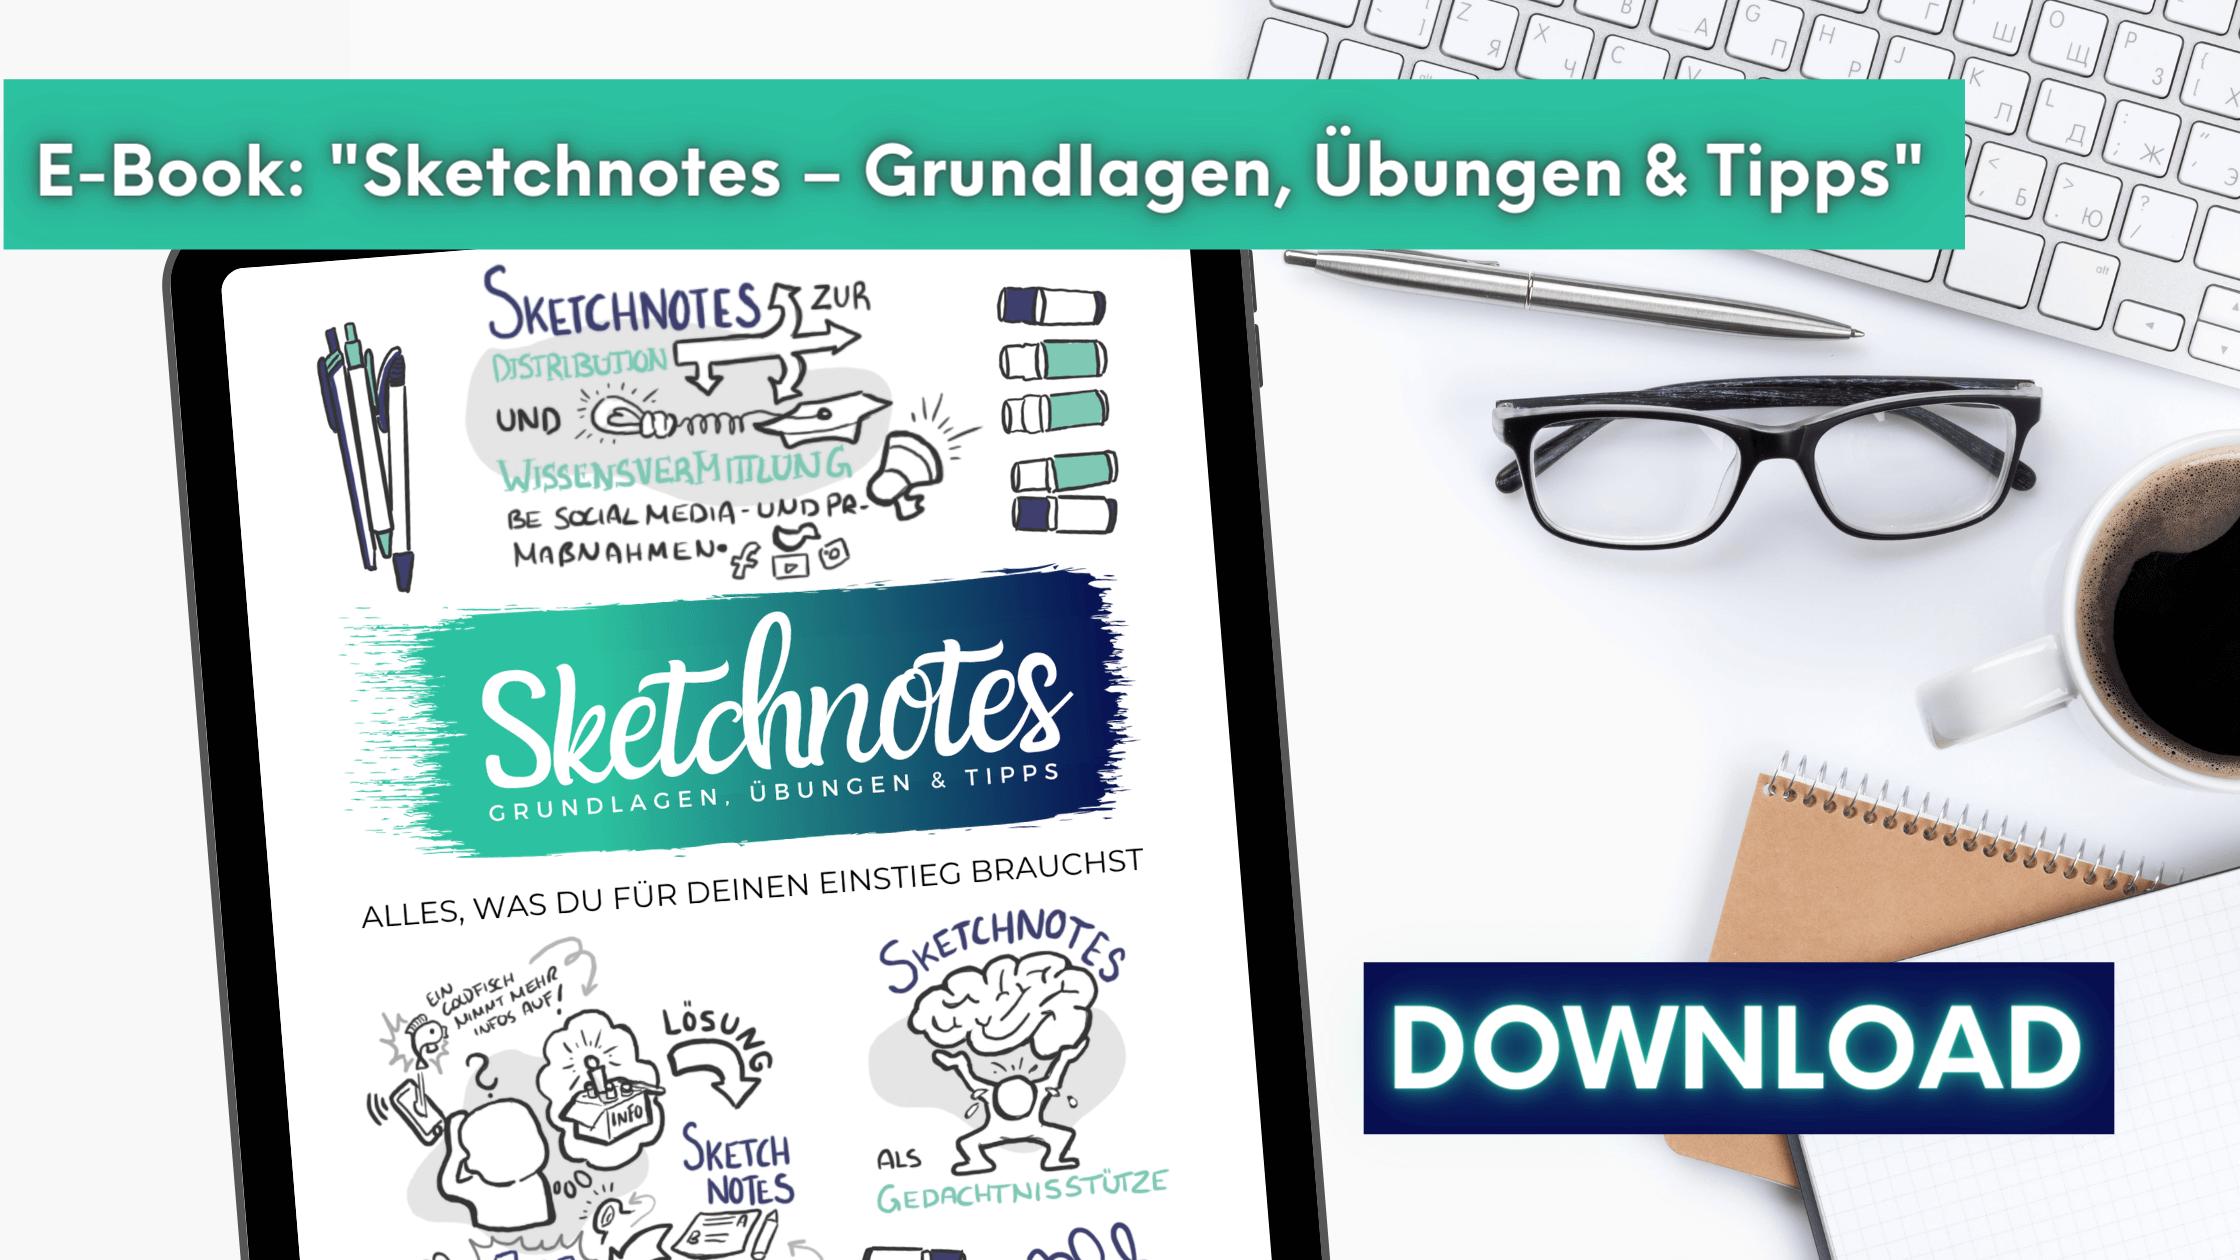 E-Book Sketchnotes-Grundlagen, Übungen & Tipps